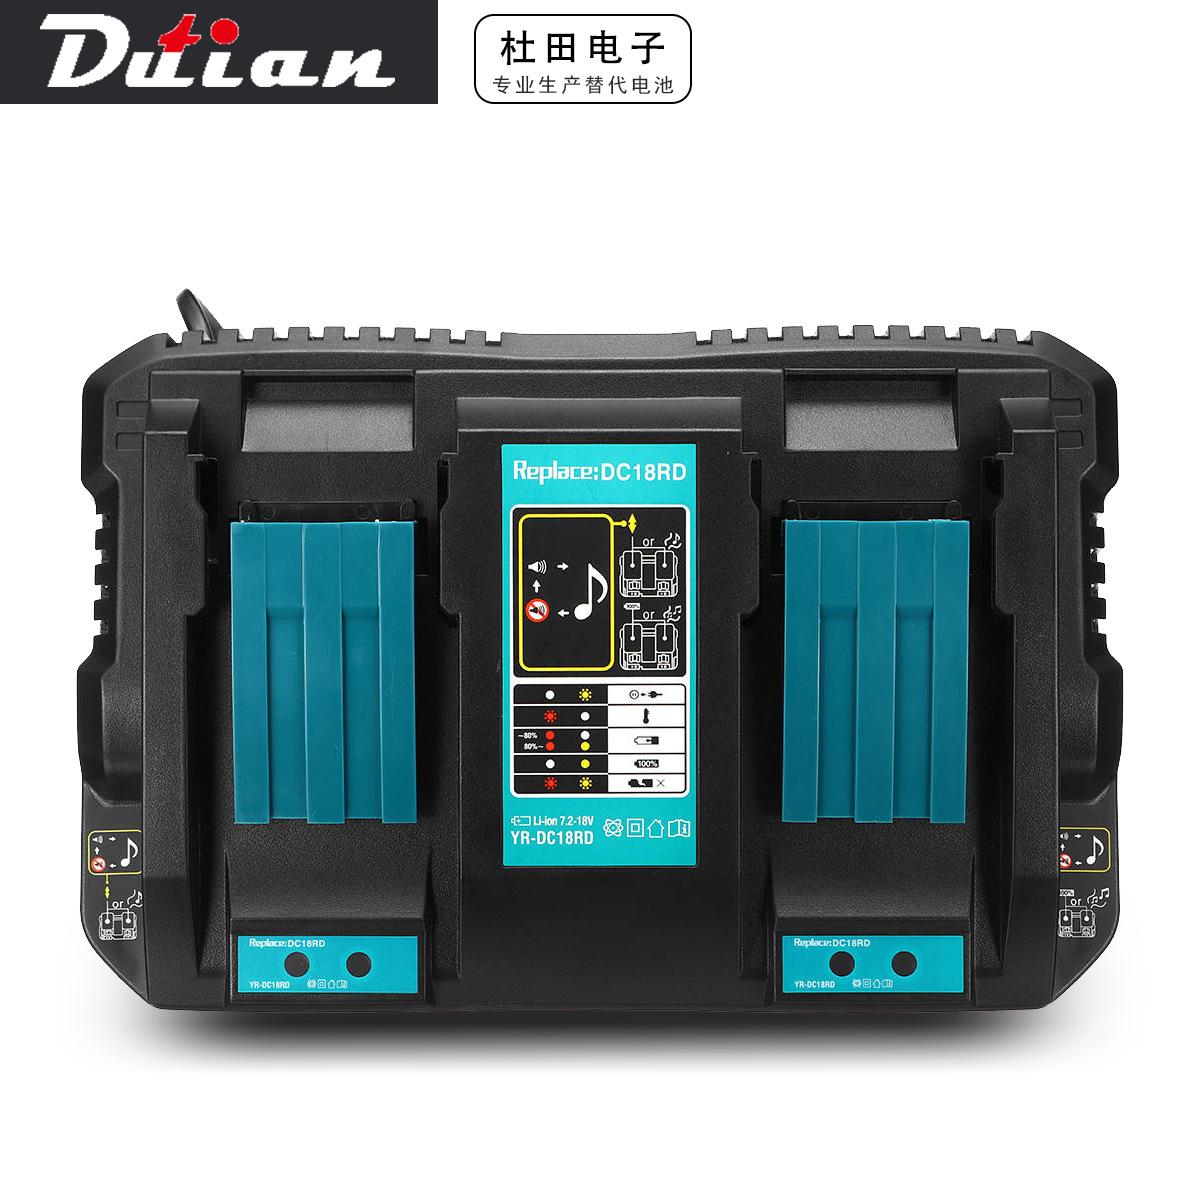 替代makita牧田双充充电器dc18rd4a 18v锂电池快速充电器USB双充